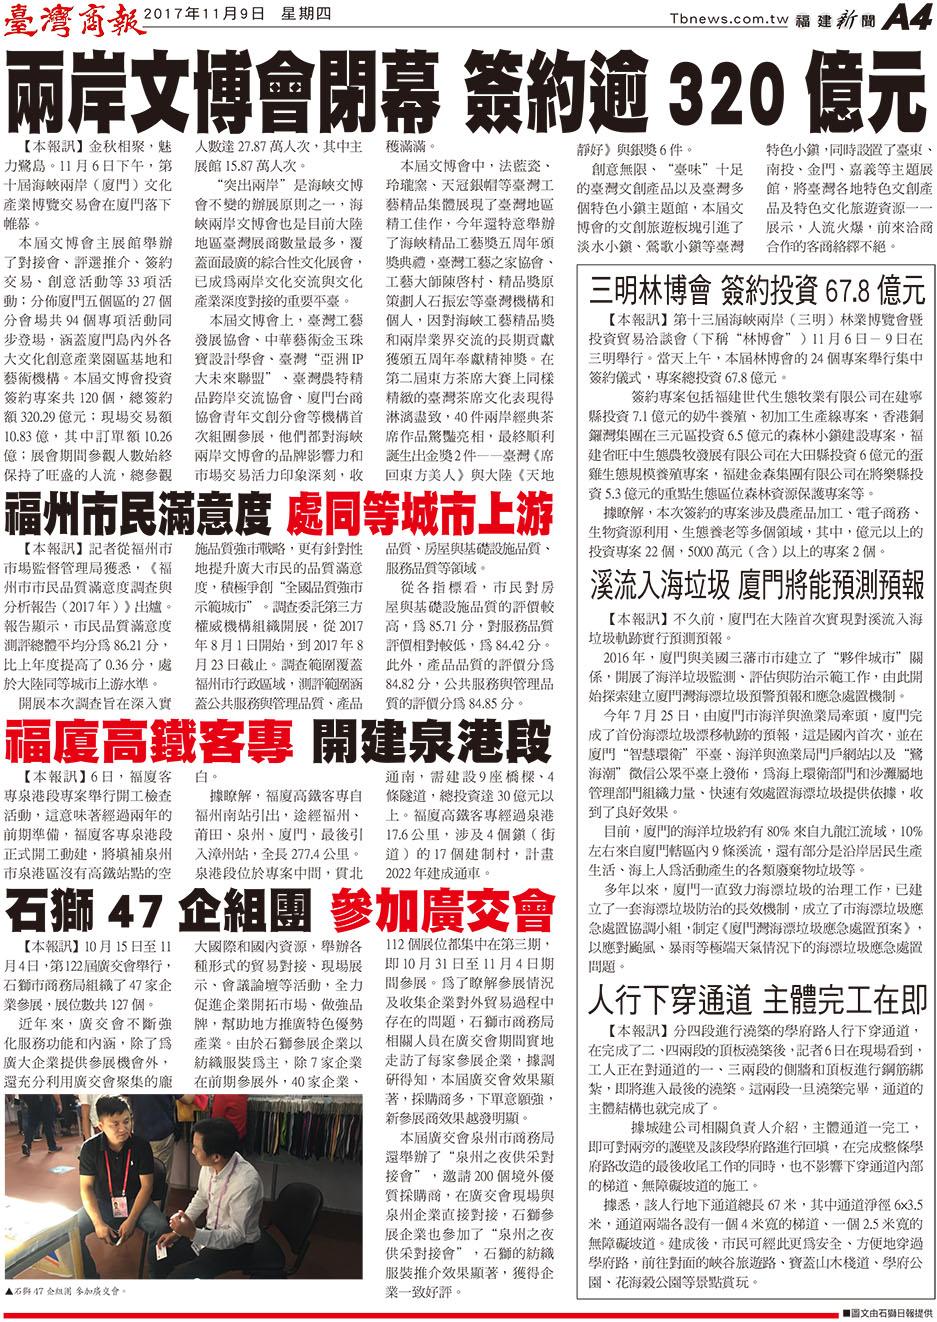 兩岸文博會閉幕 簽約逾 320 億元